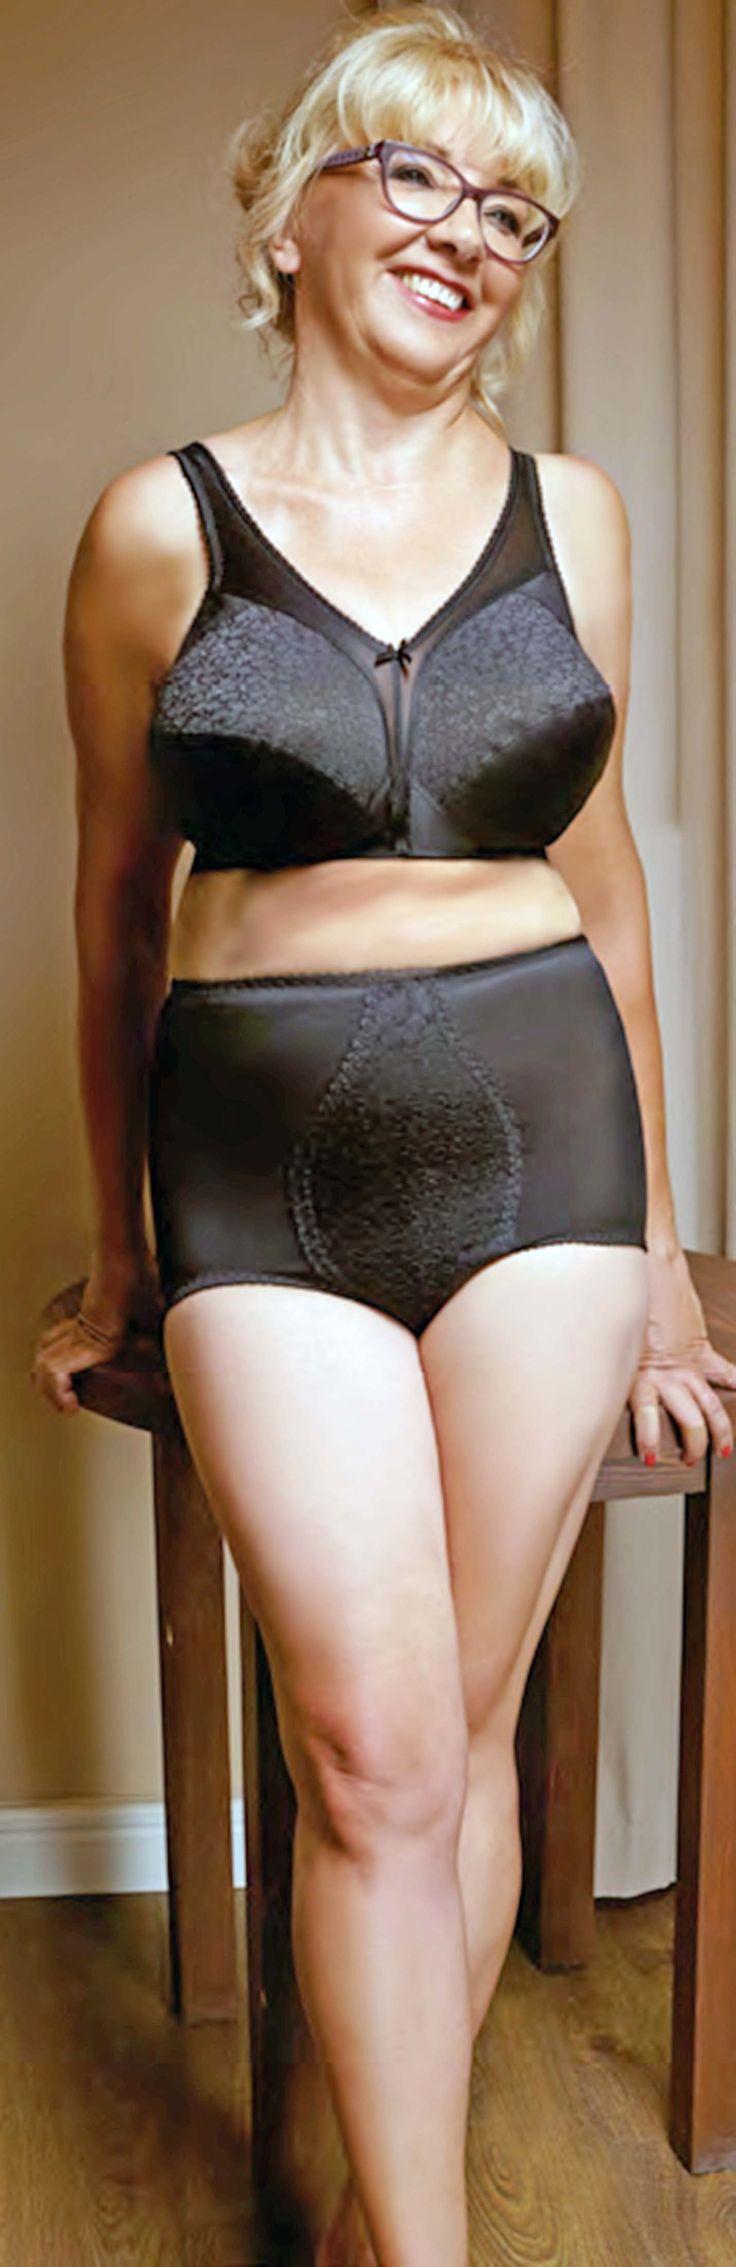 Girdle retro vintage lingerie